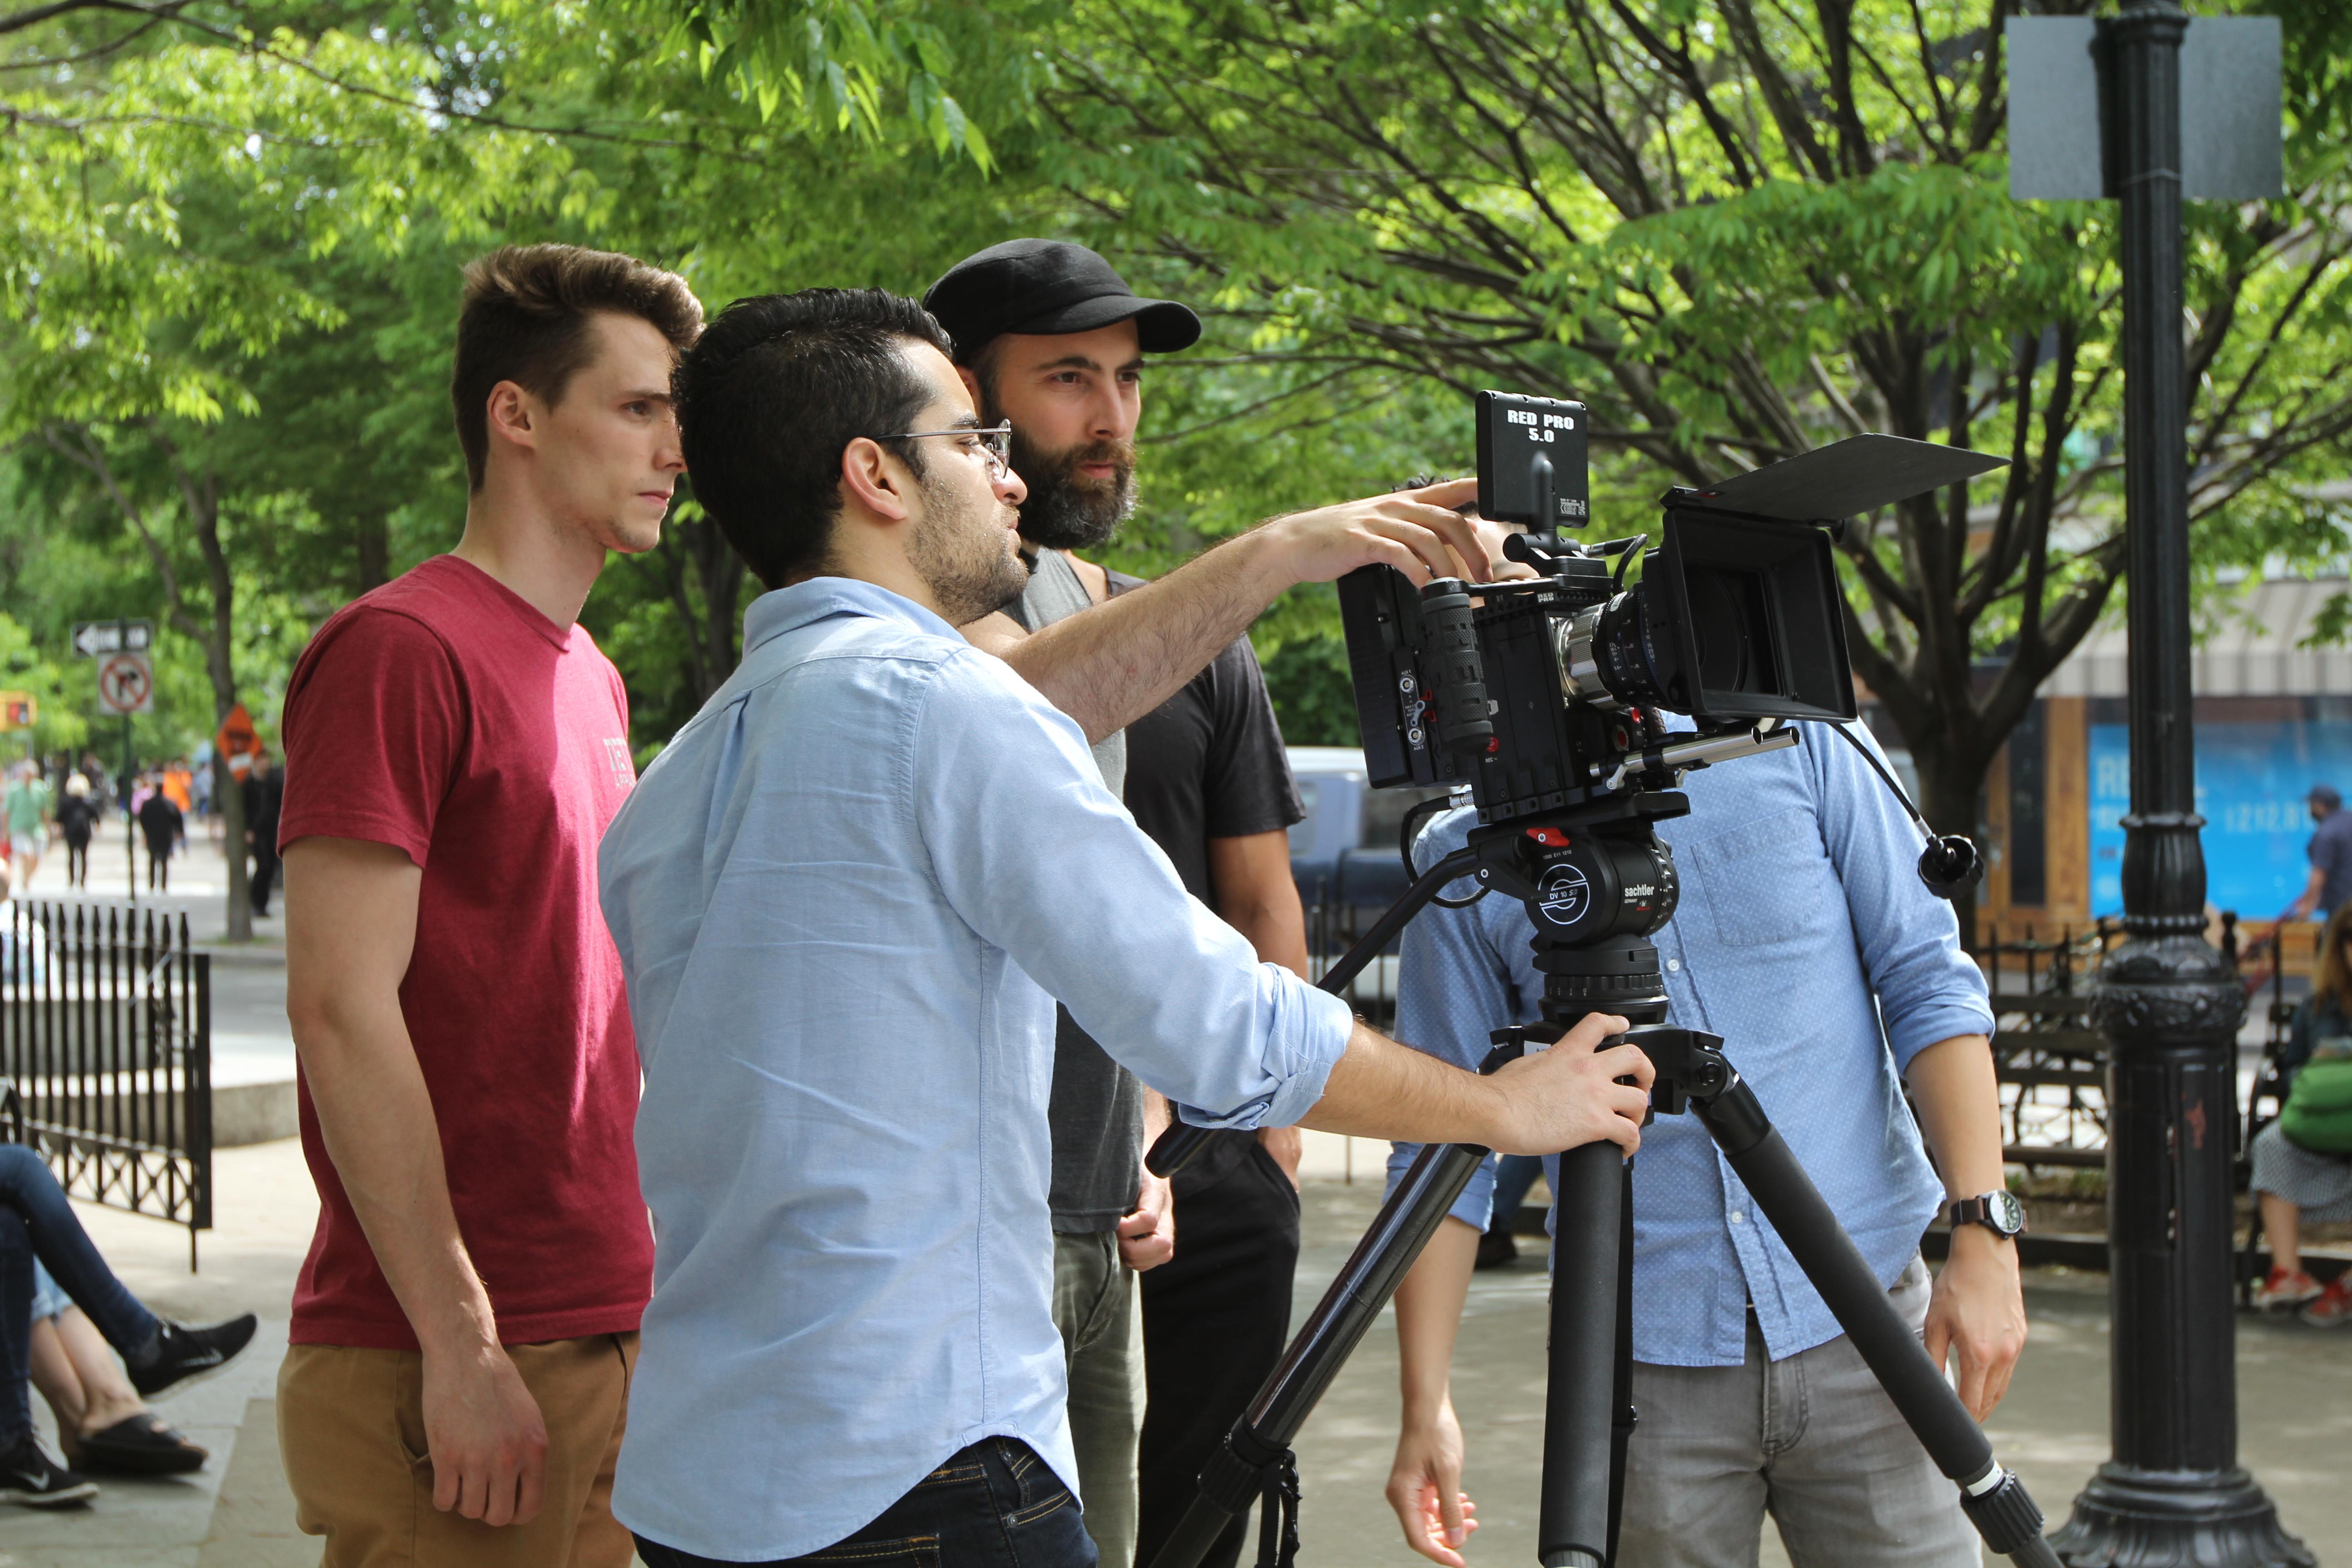 RED Camera Workshops at AbelCine